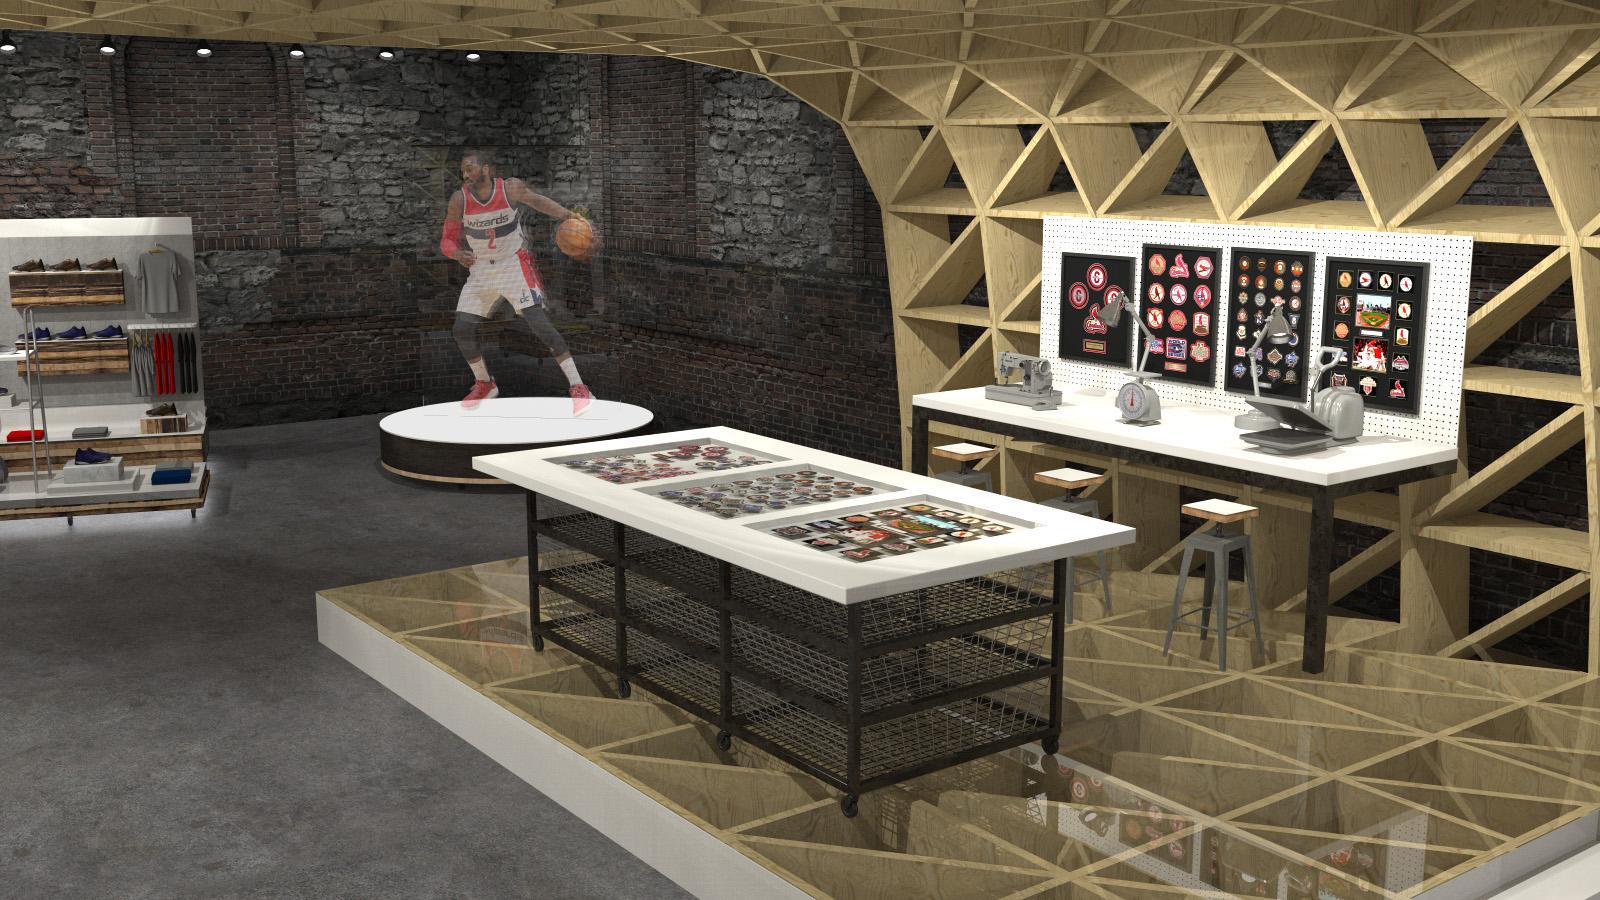 Ryan_Bubion_Adidas_Retail_Design_07